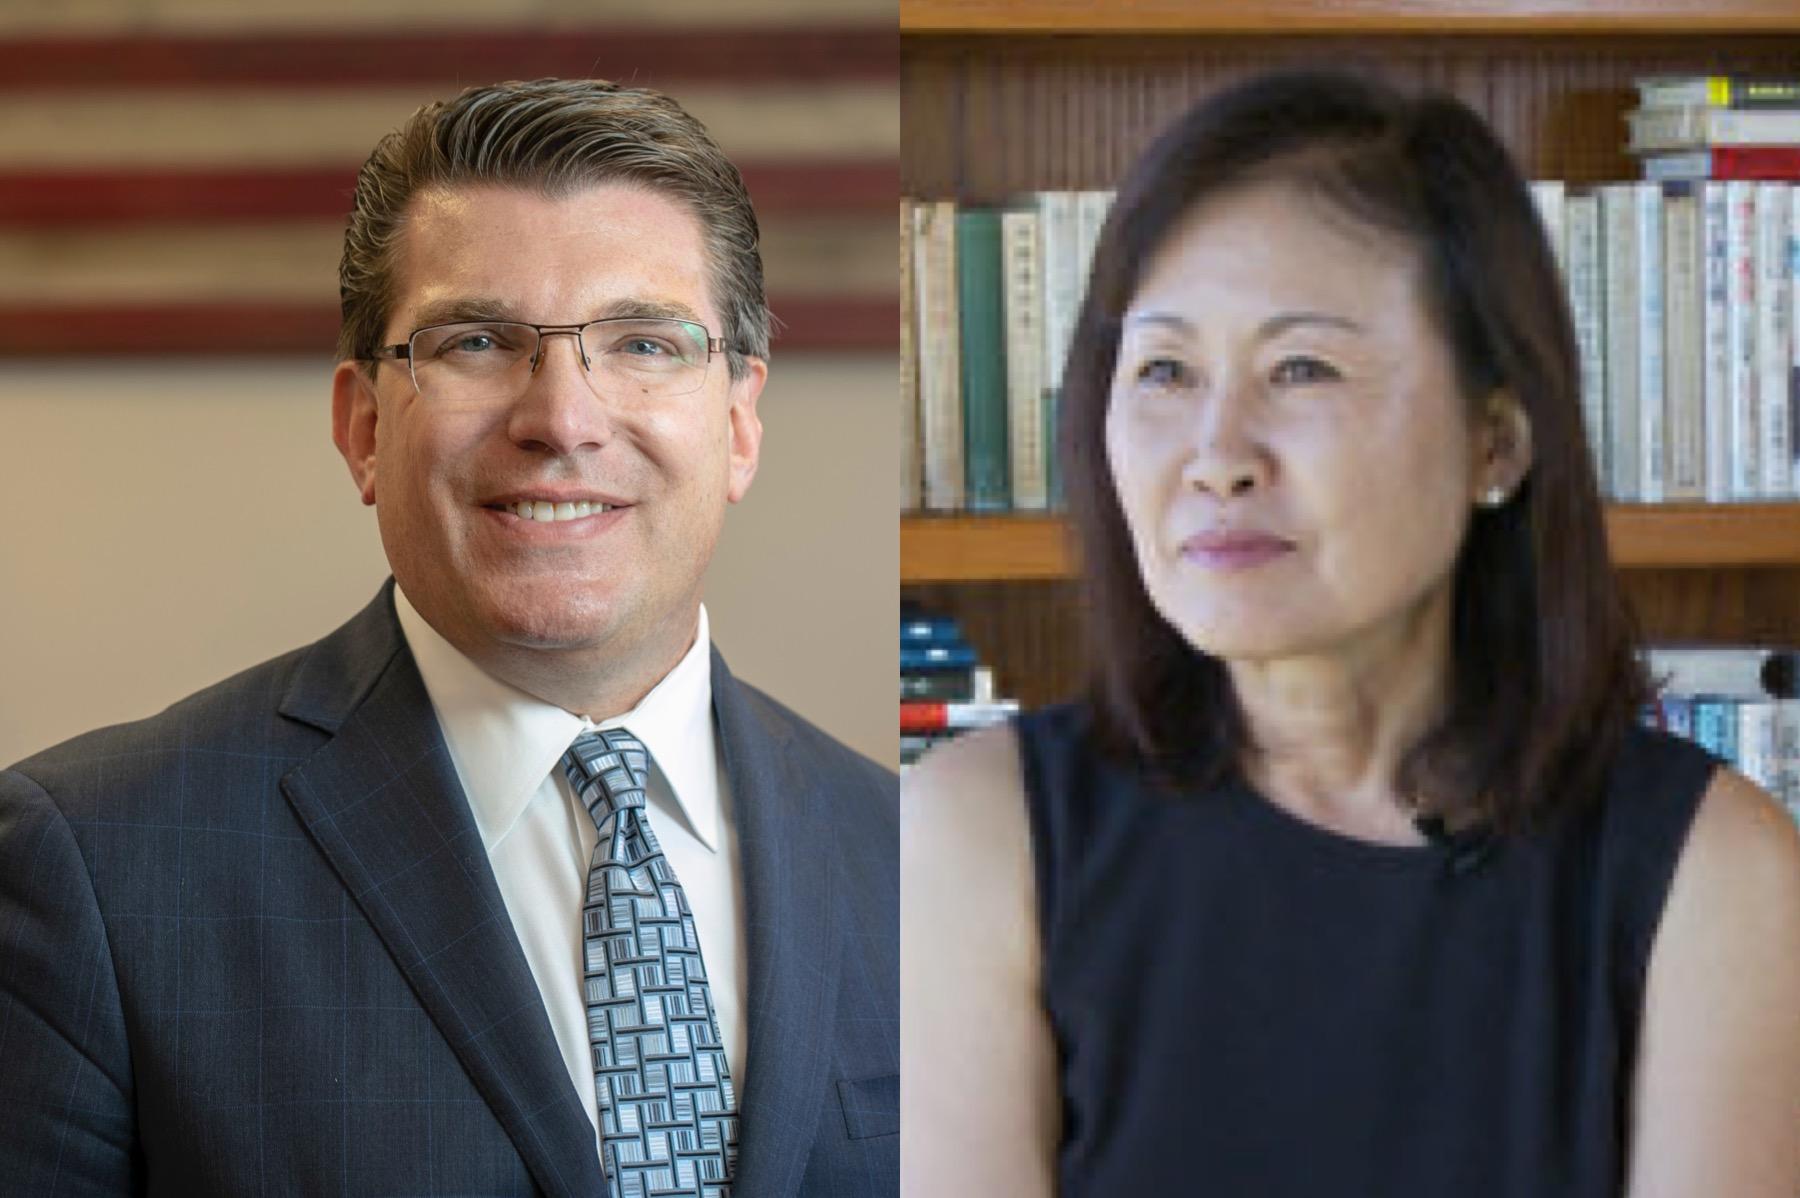 加州共和黨人在2020年大選中奪回兩個席位。左為第8選區共和黨候選人傑伊‧奧伯諾特(Jay Obernolte),右為第48選區共和黨候選人共和黨人樸銀珠(Michelle Steel)。(大紀元合成圖)